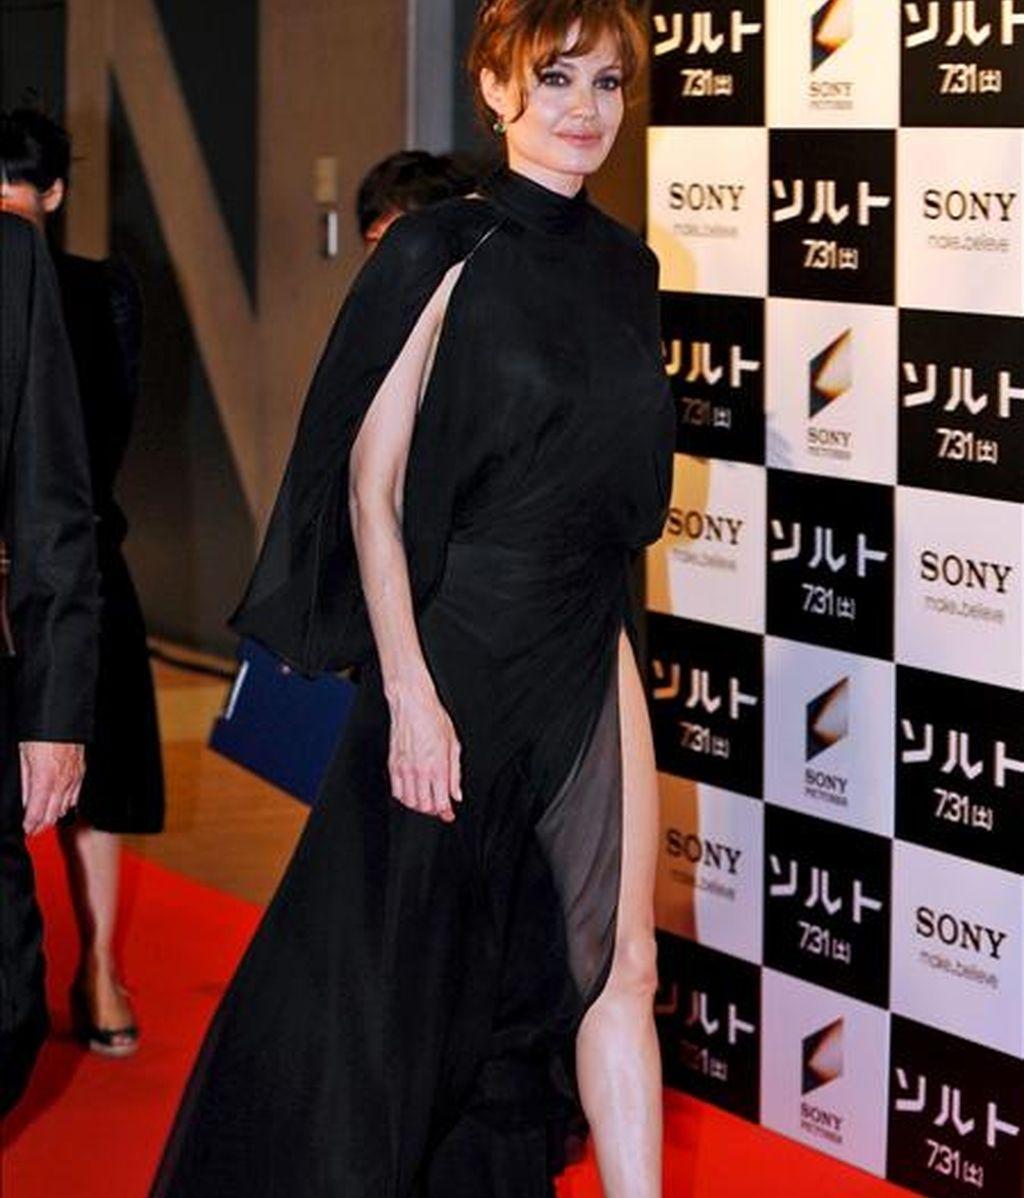 """La actriz estadounidense Angelina Jolie a su llegada hoy a la presentación de su última película """"Salt"""" en Tokio (Japón). La cinta dirigida por el australiano Phillip Noyce llega a las pantallas japonesas el 31 de julio. EFE"""